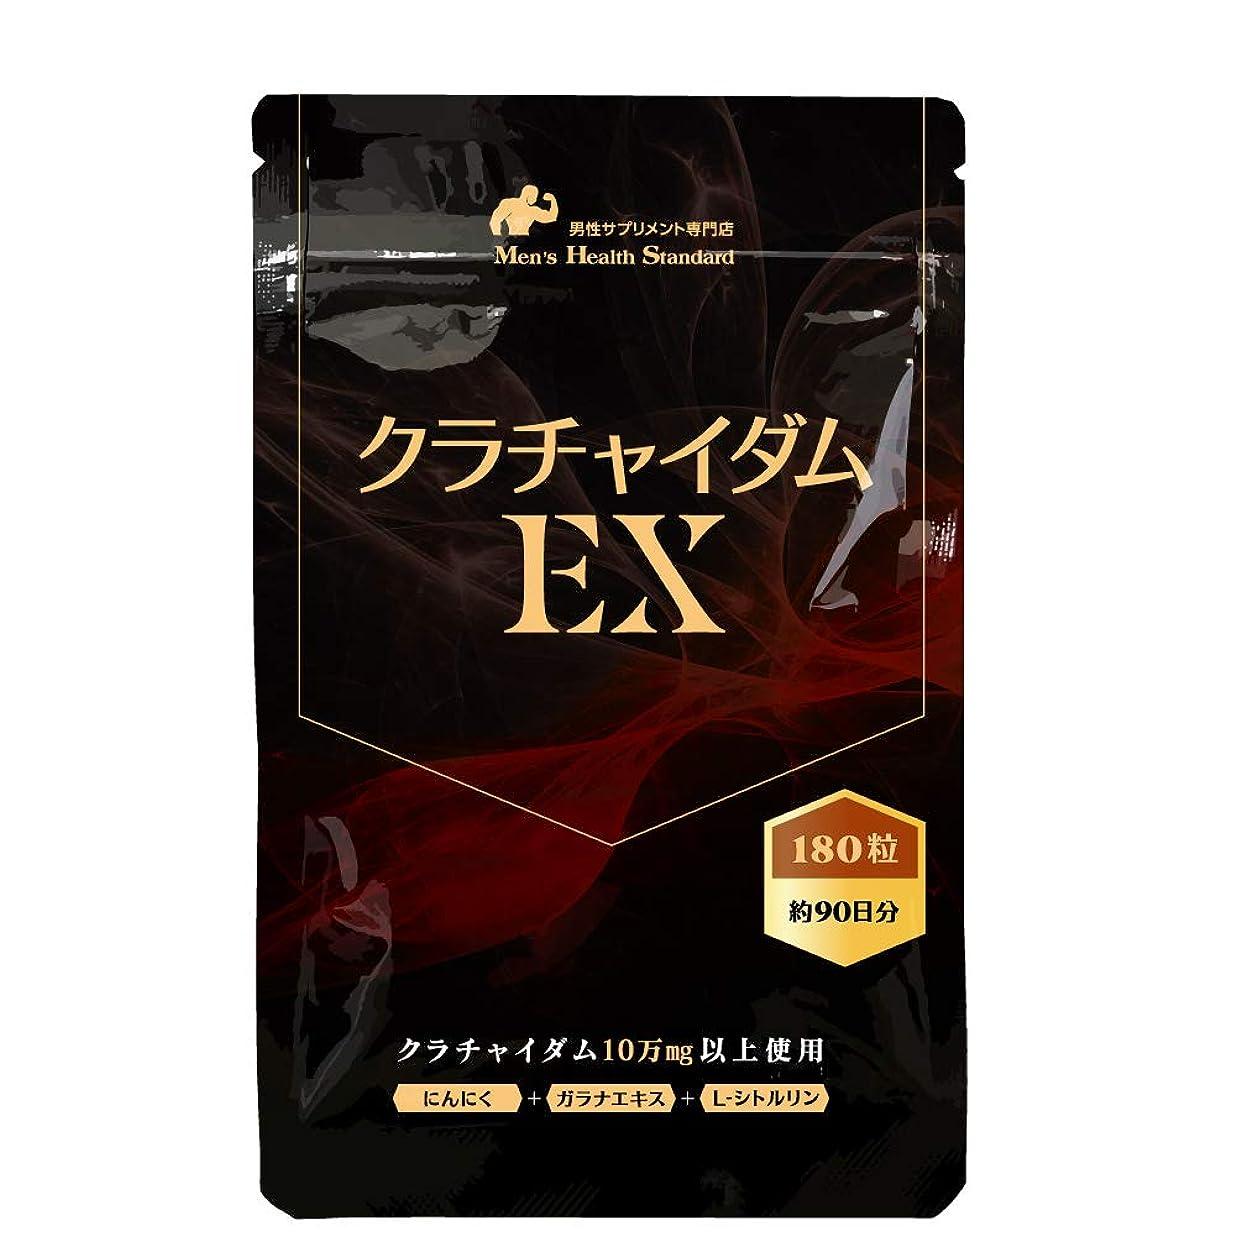 鉱夫多分息子Men's Health Standard クラチャイダムEX 男性用サプリメント (180粒 約90日分) クラチャイダム [27,000mg配合]